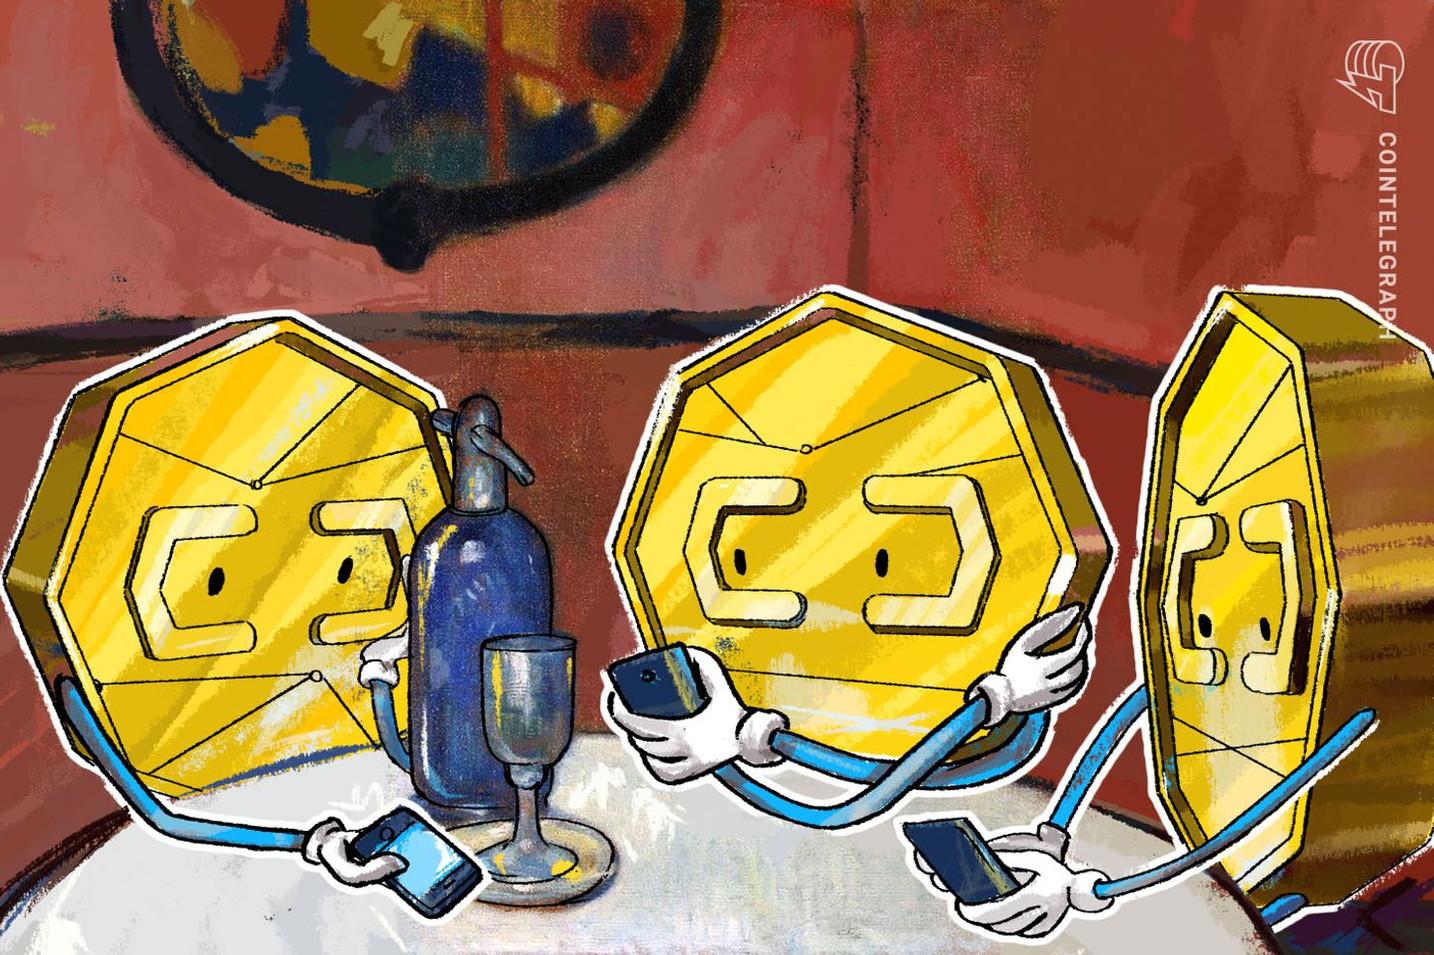 ブラジル大統領候補、ビットコイン規制の必要性を強調